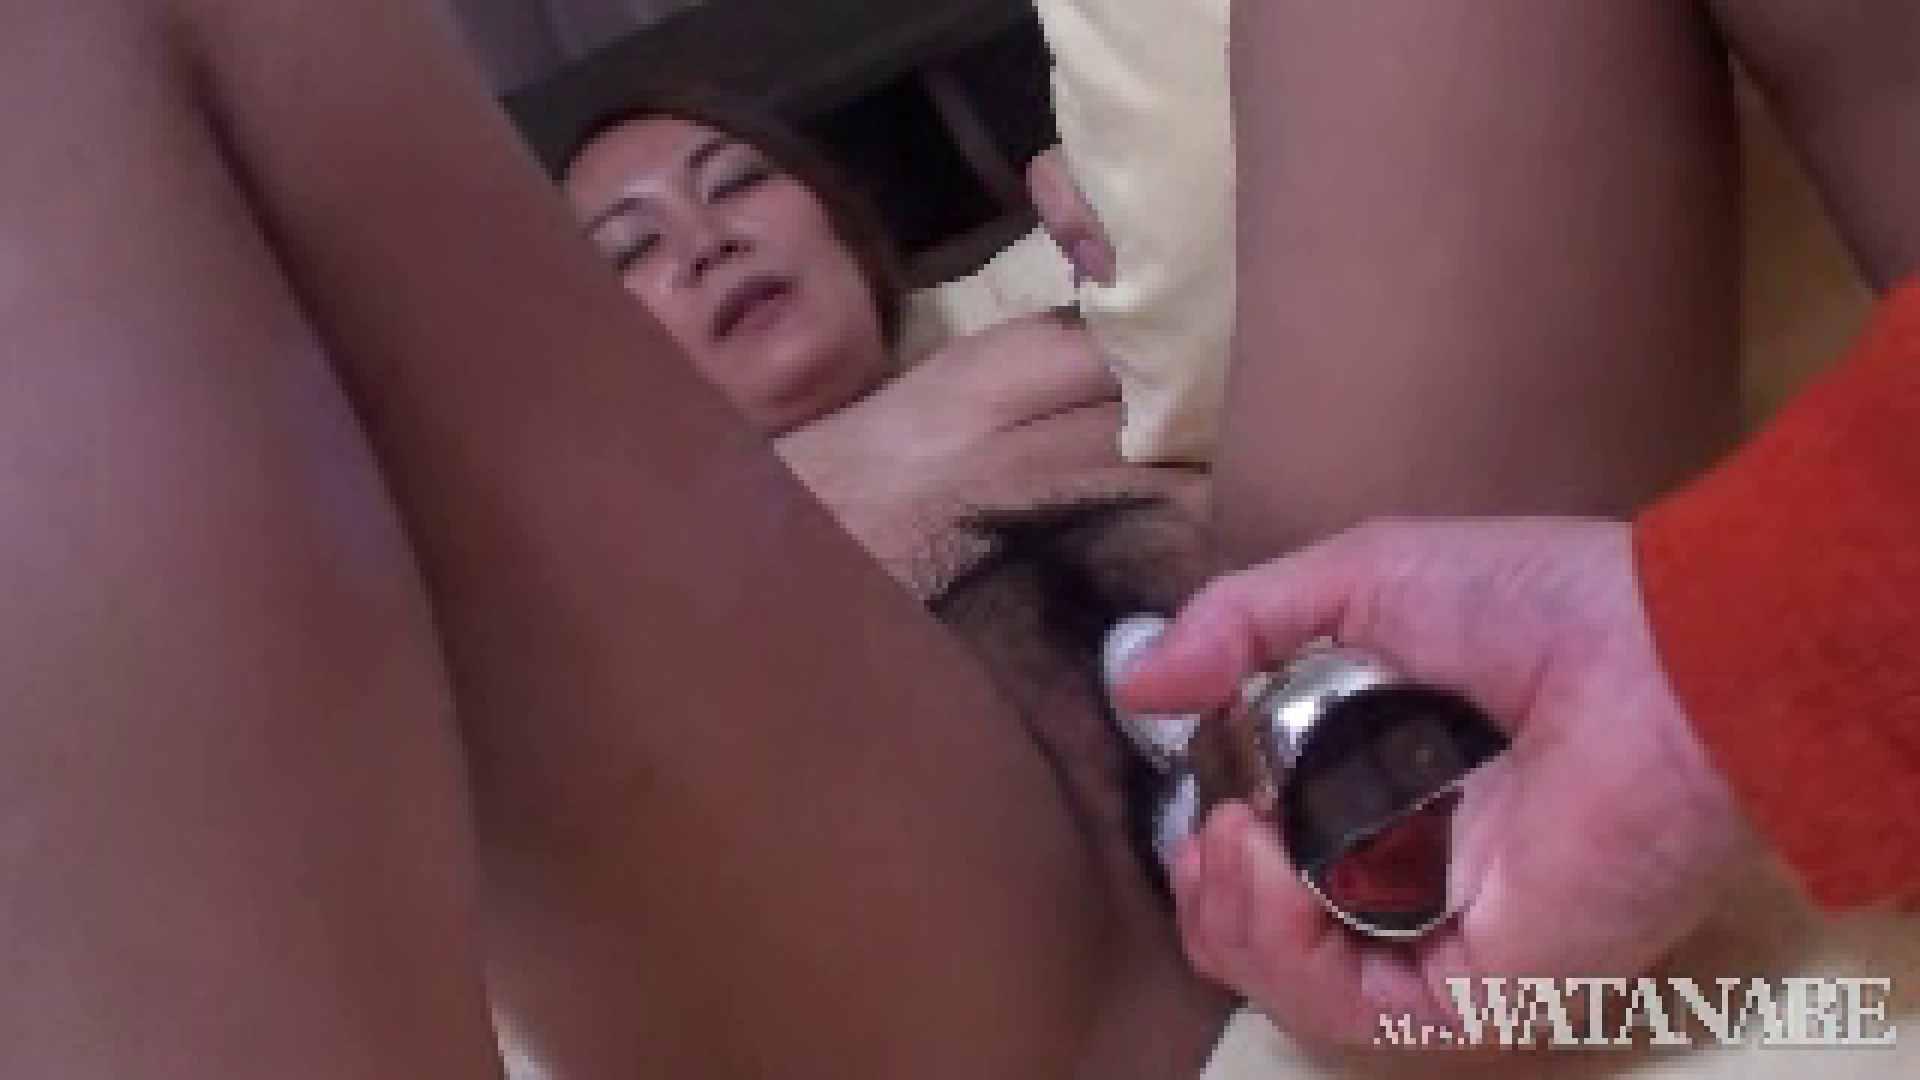 SNSで出会った人妻をハメ撮りしちゃいます 2回目 後編 SEX | 熟女のエッチ  111pic 16